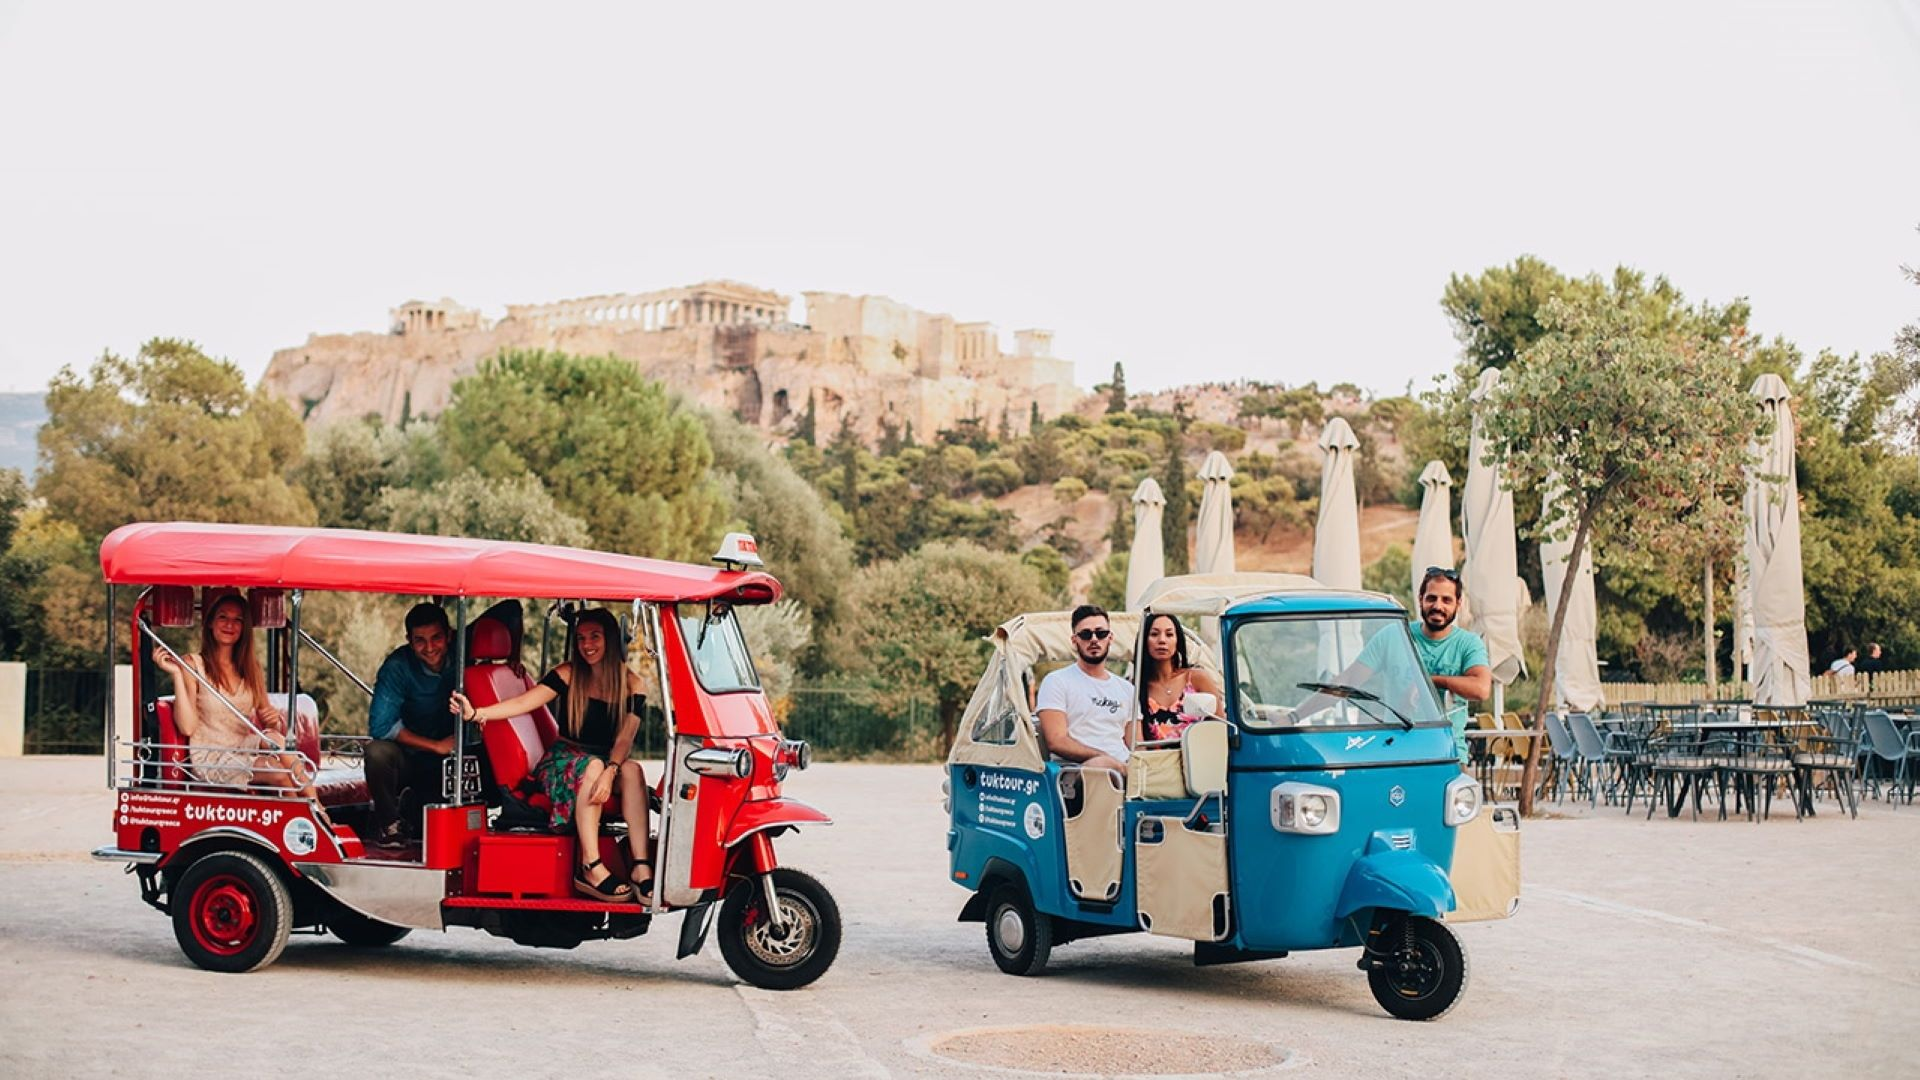 Tours in Athens - TUK-TUK tour